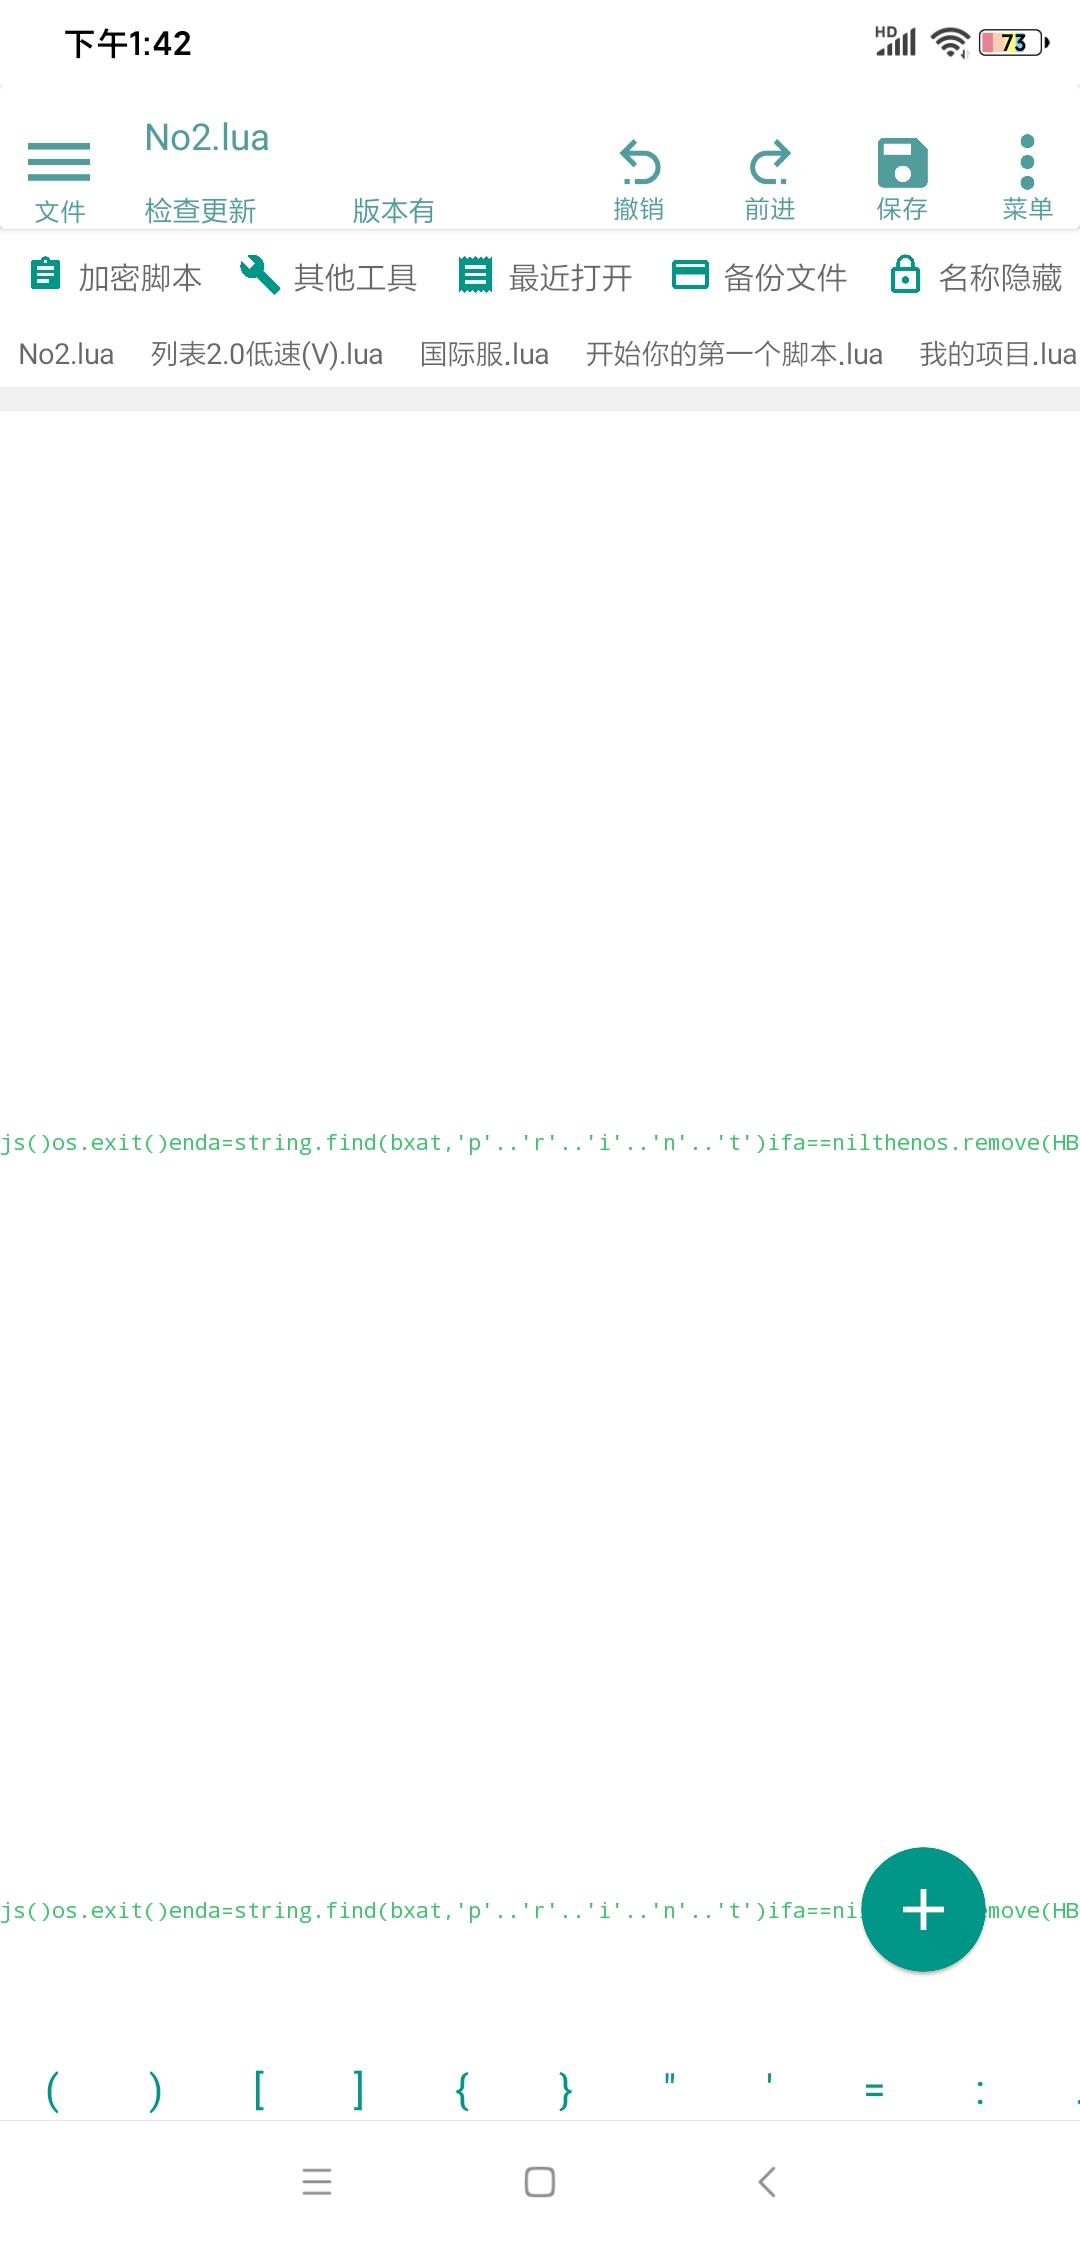 线报-「原创开发」ALuaG新款脚本助手